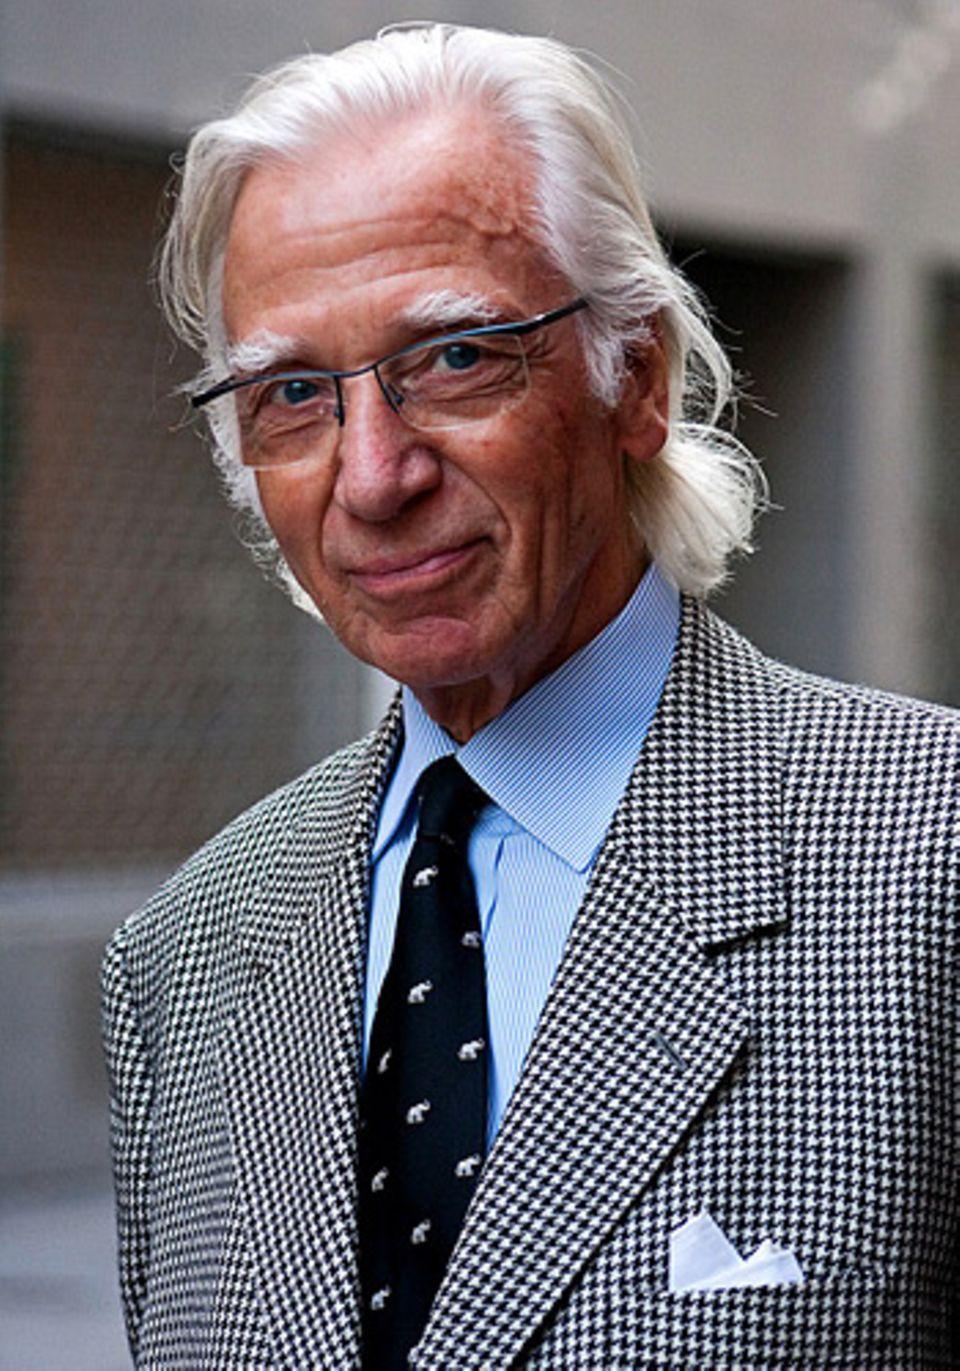 Herr Pleuger ist 76 Jahre alt, Tuchkaufmann und trägt nur Maßgeschneidertes, vom Hemd bis zu den Schuhen.